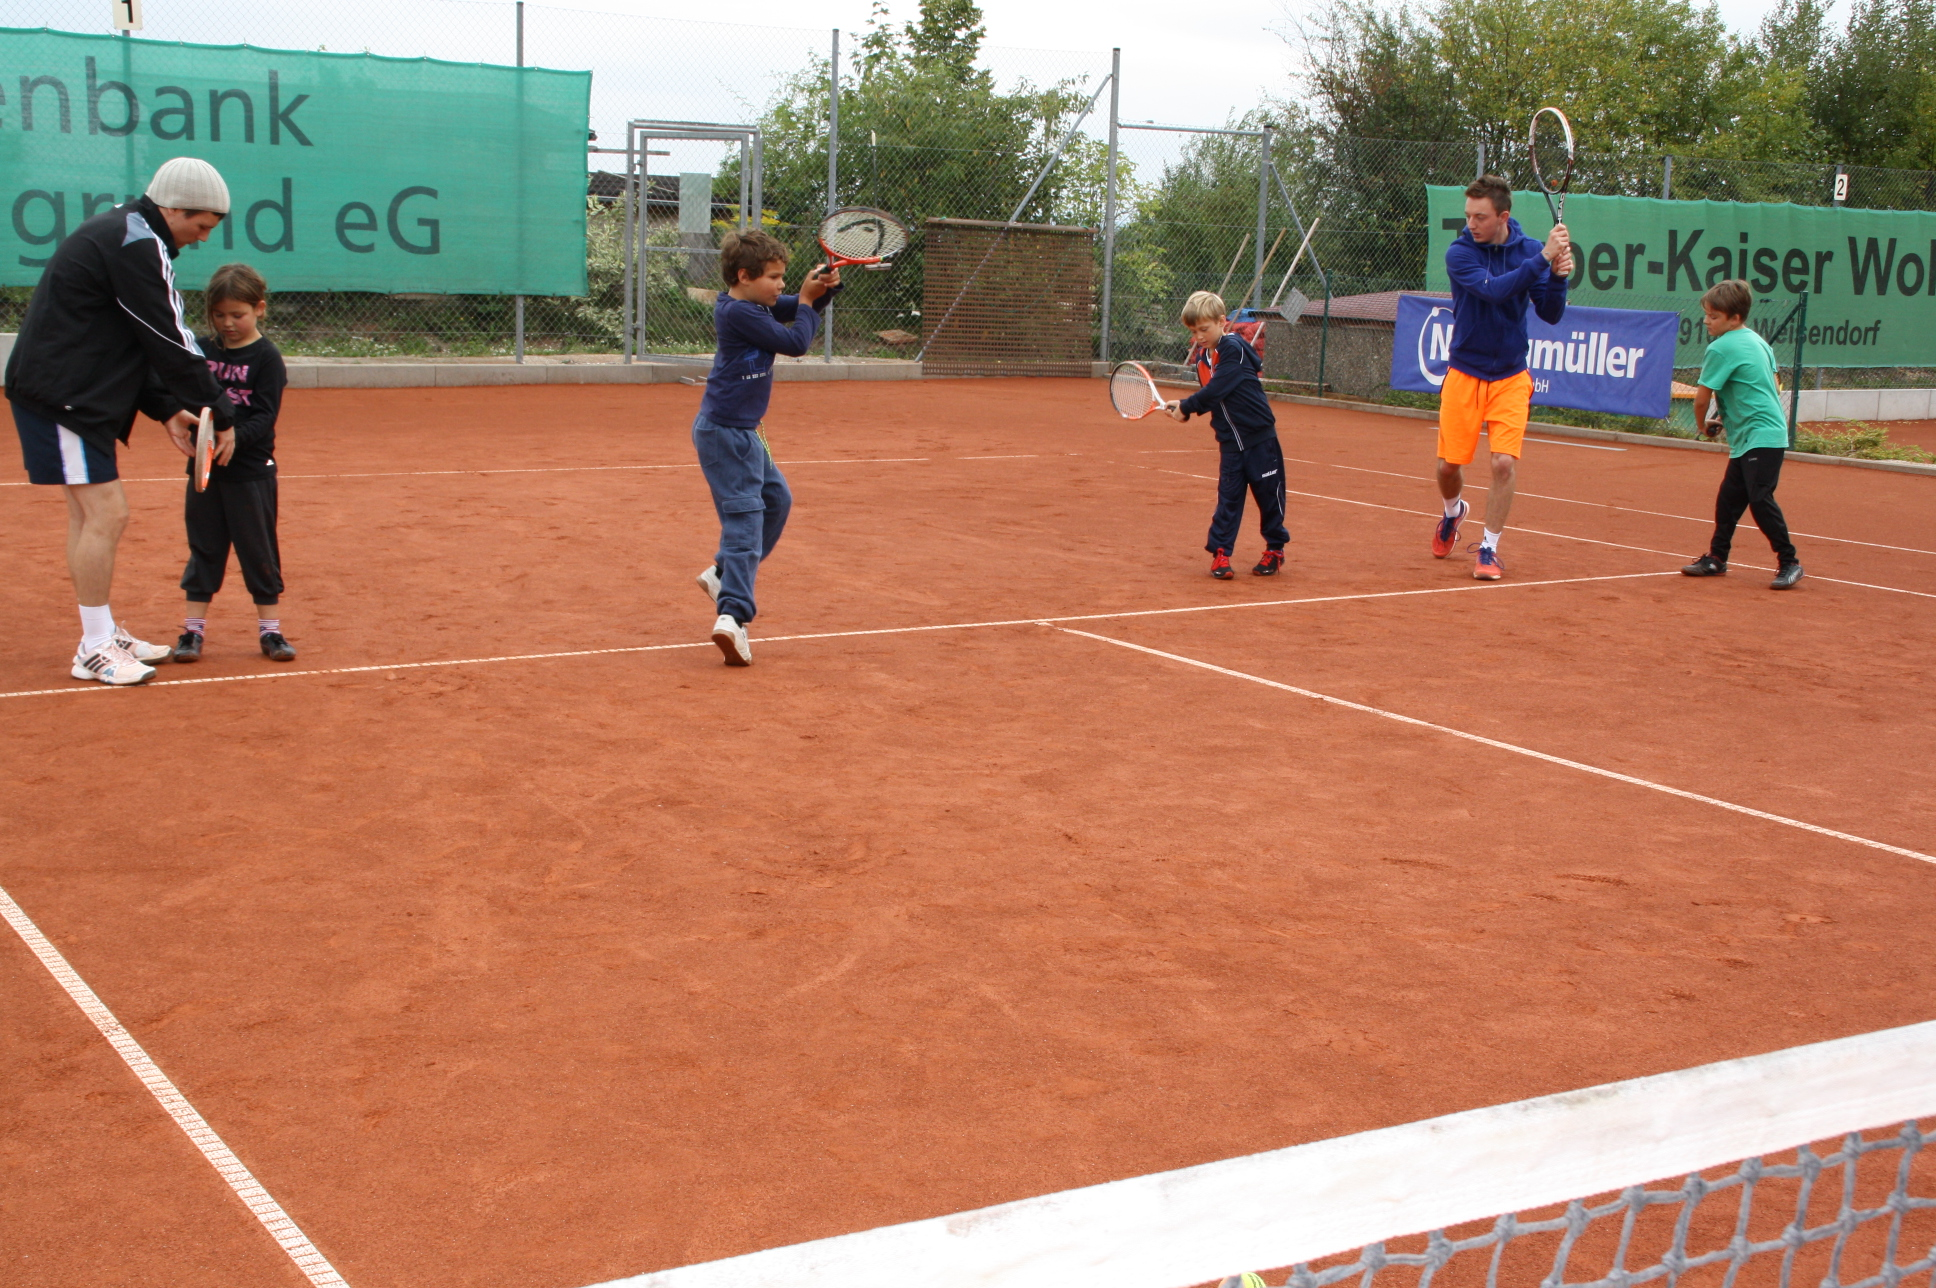 Mit viel Freude bei der Sache: die Teilnehmer am Tennis-Schnupperkurs.